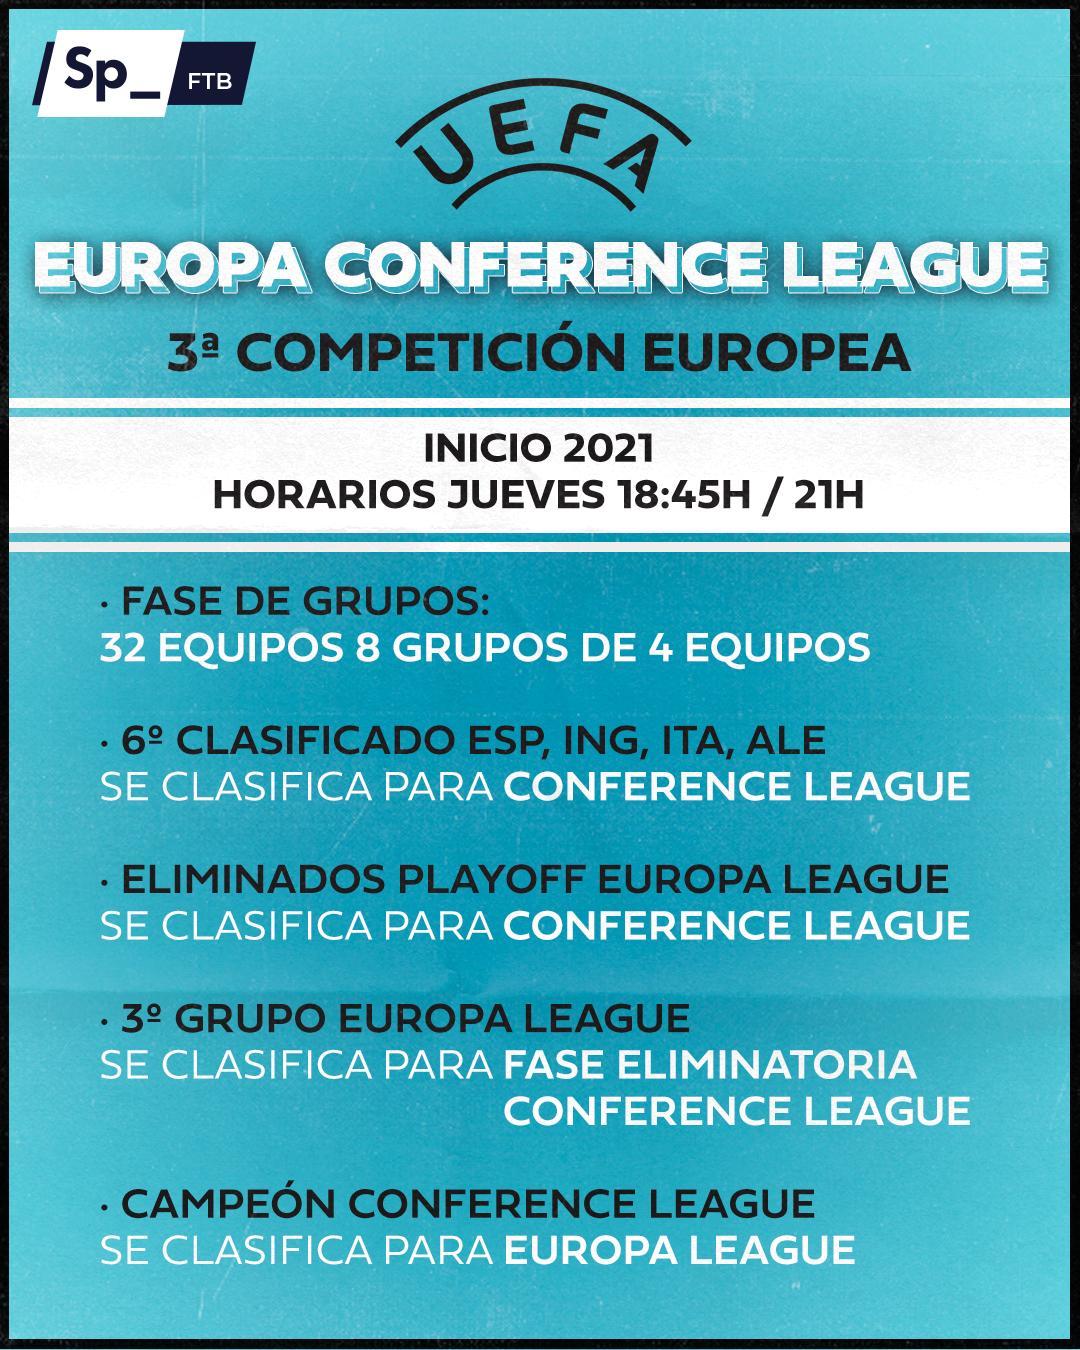 """Sphera Sports op Twitter: """"👀 En 2021, habrá una tercera competición de la  UEFA: Europa Conference League. ¿Qué os parece?… """""""